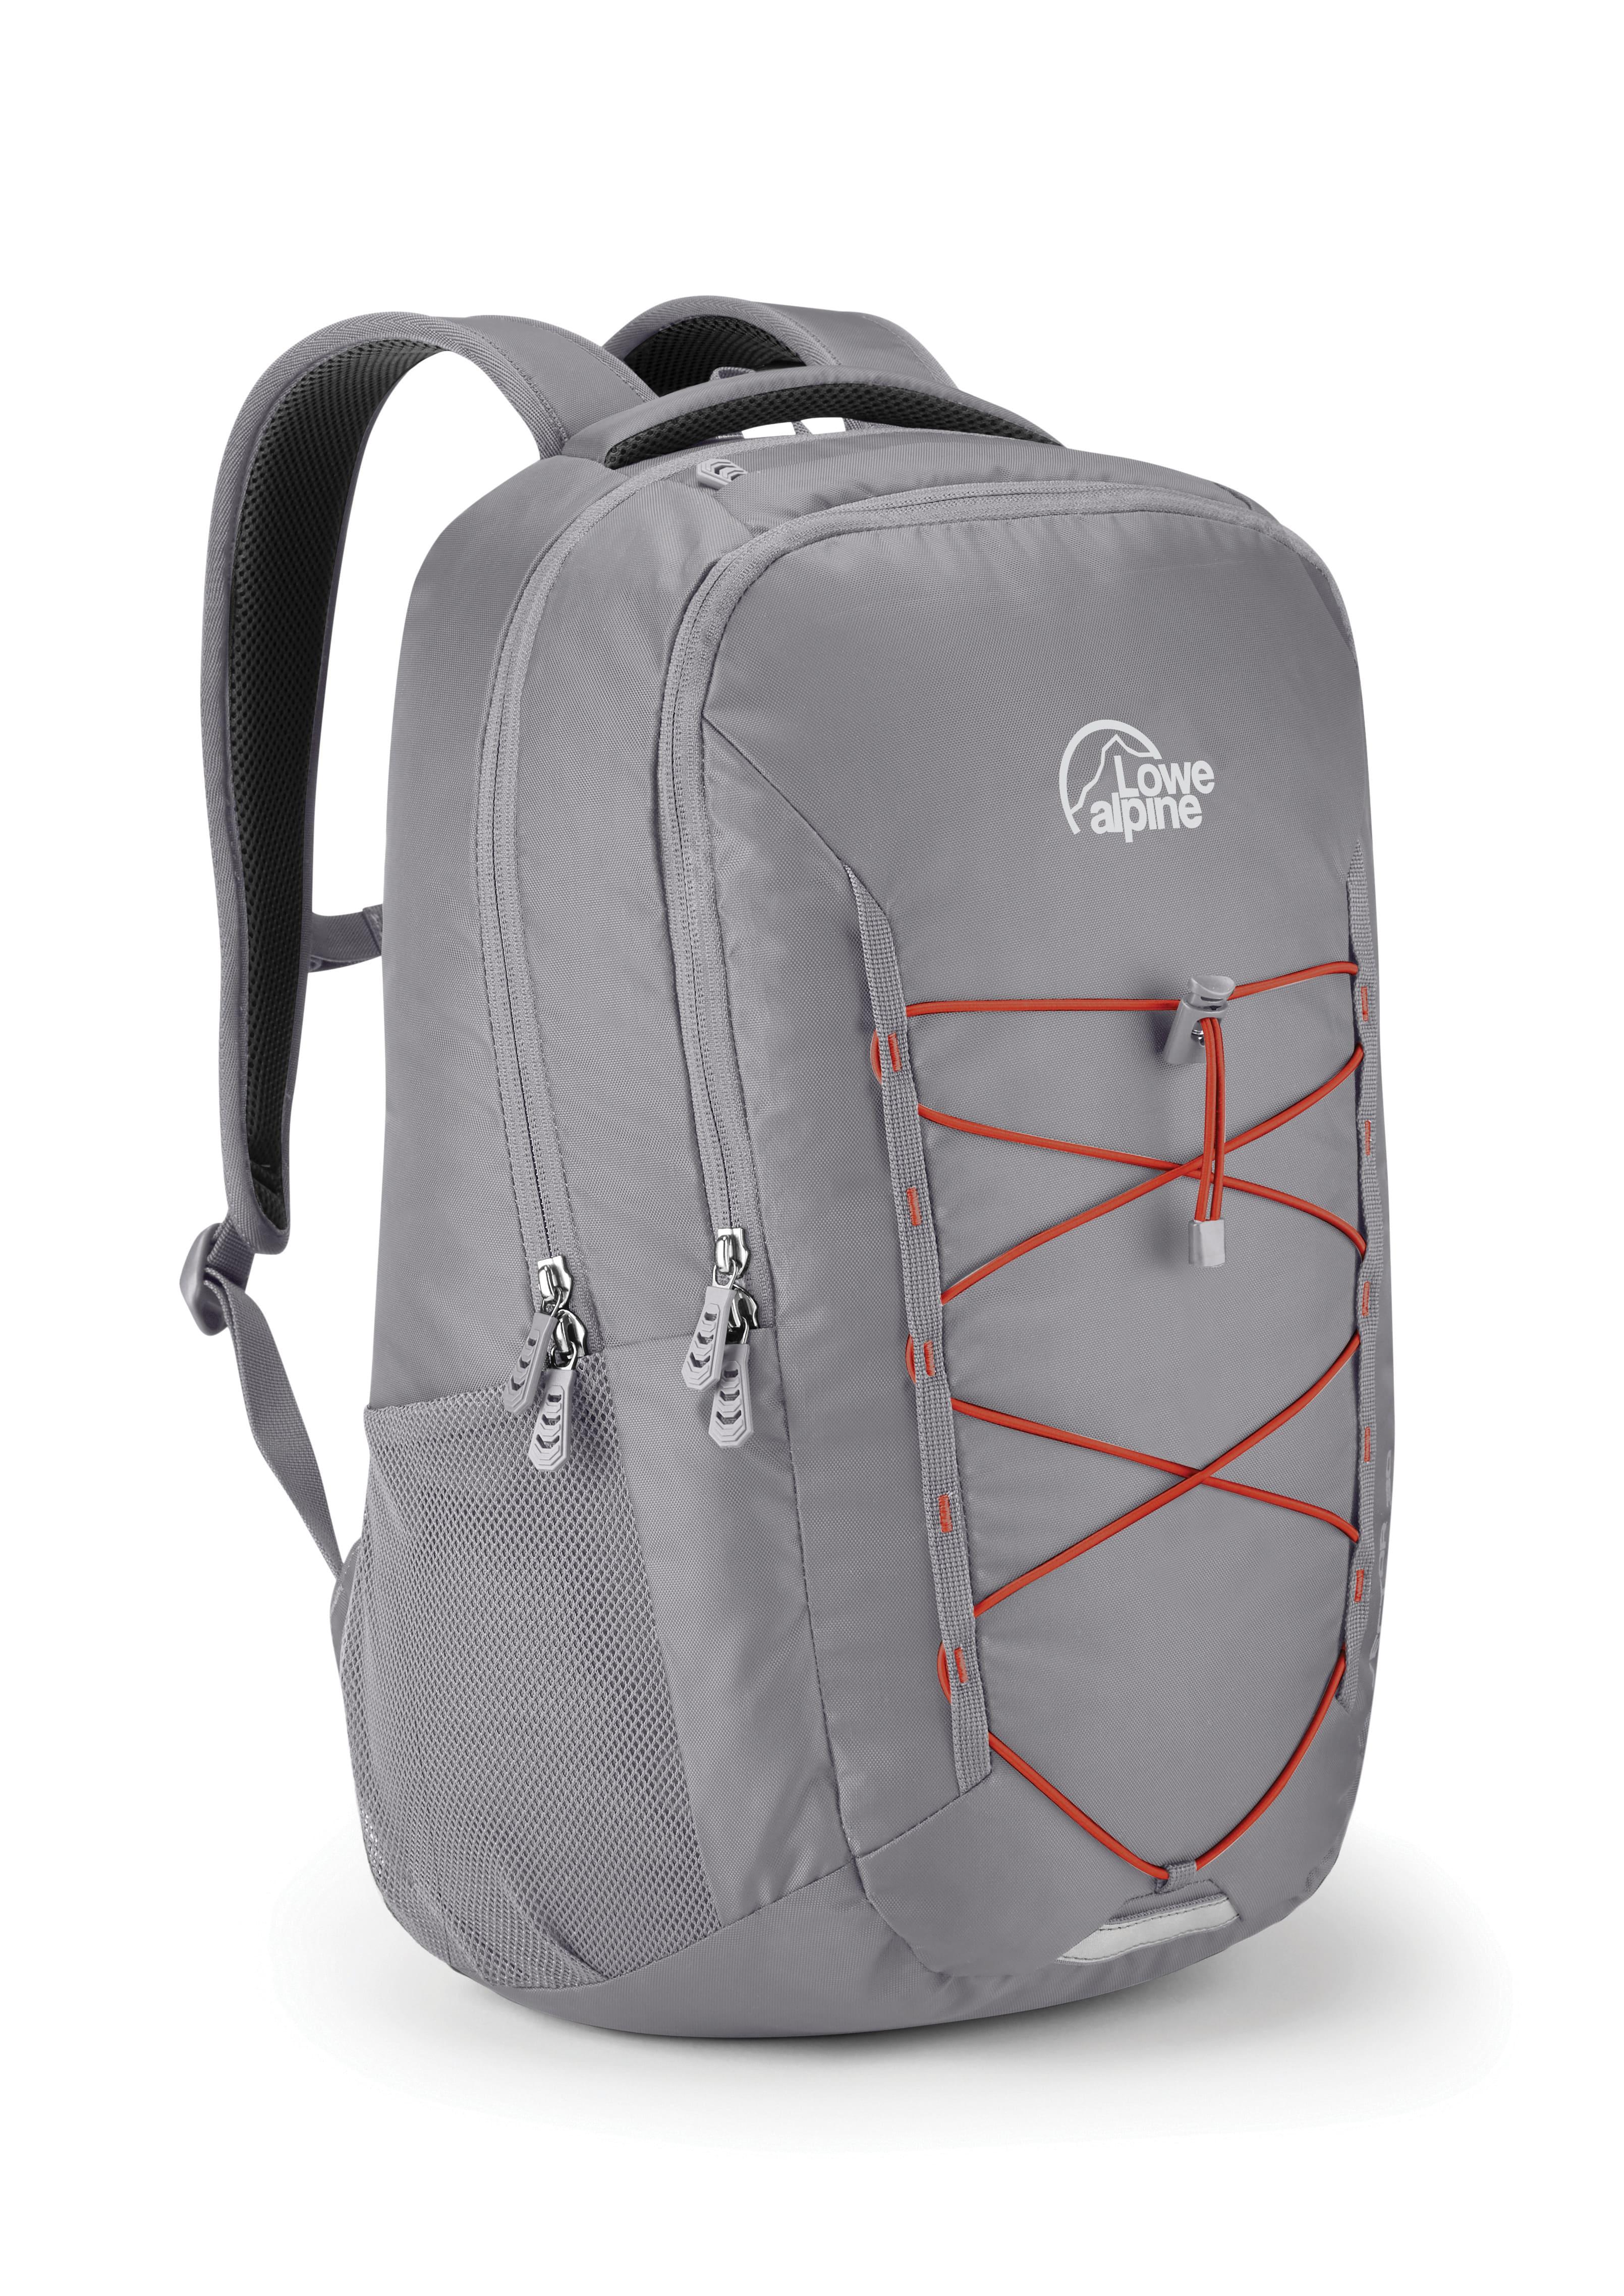 223401e1e5e Lowe Alpine Vector 30 Backpack